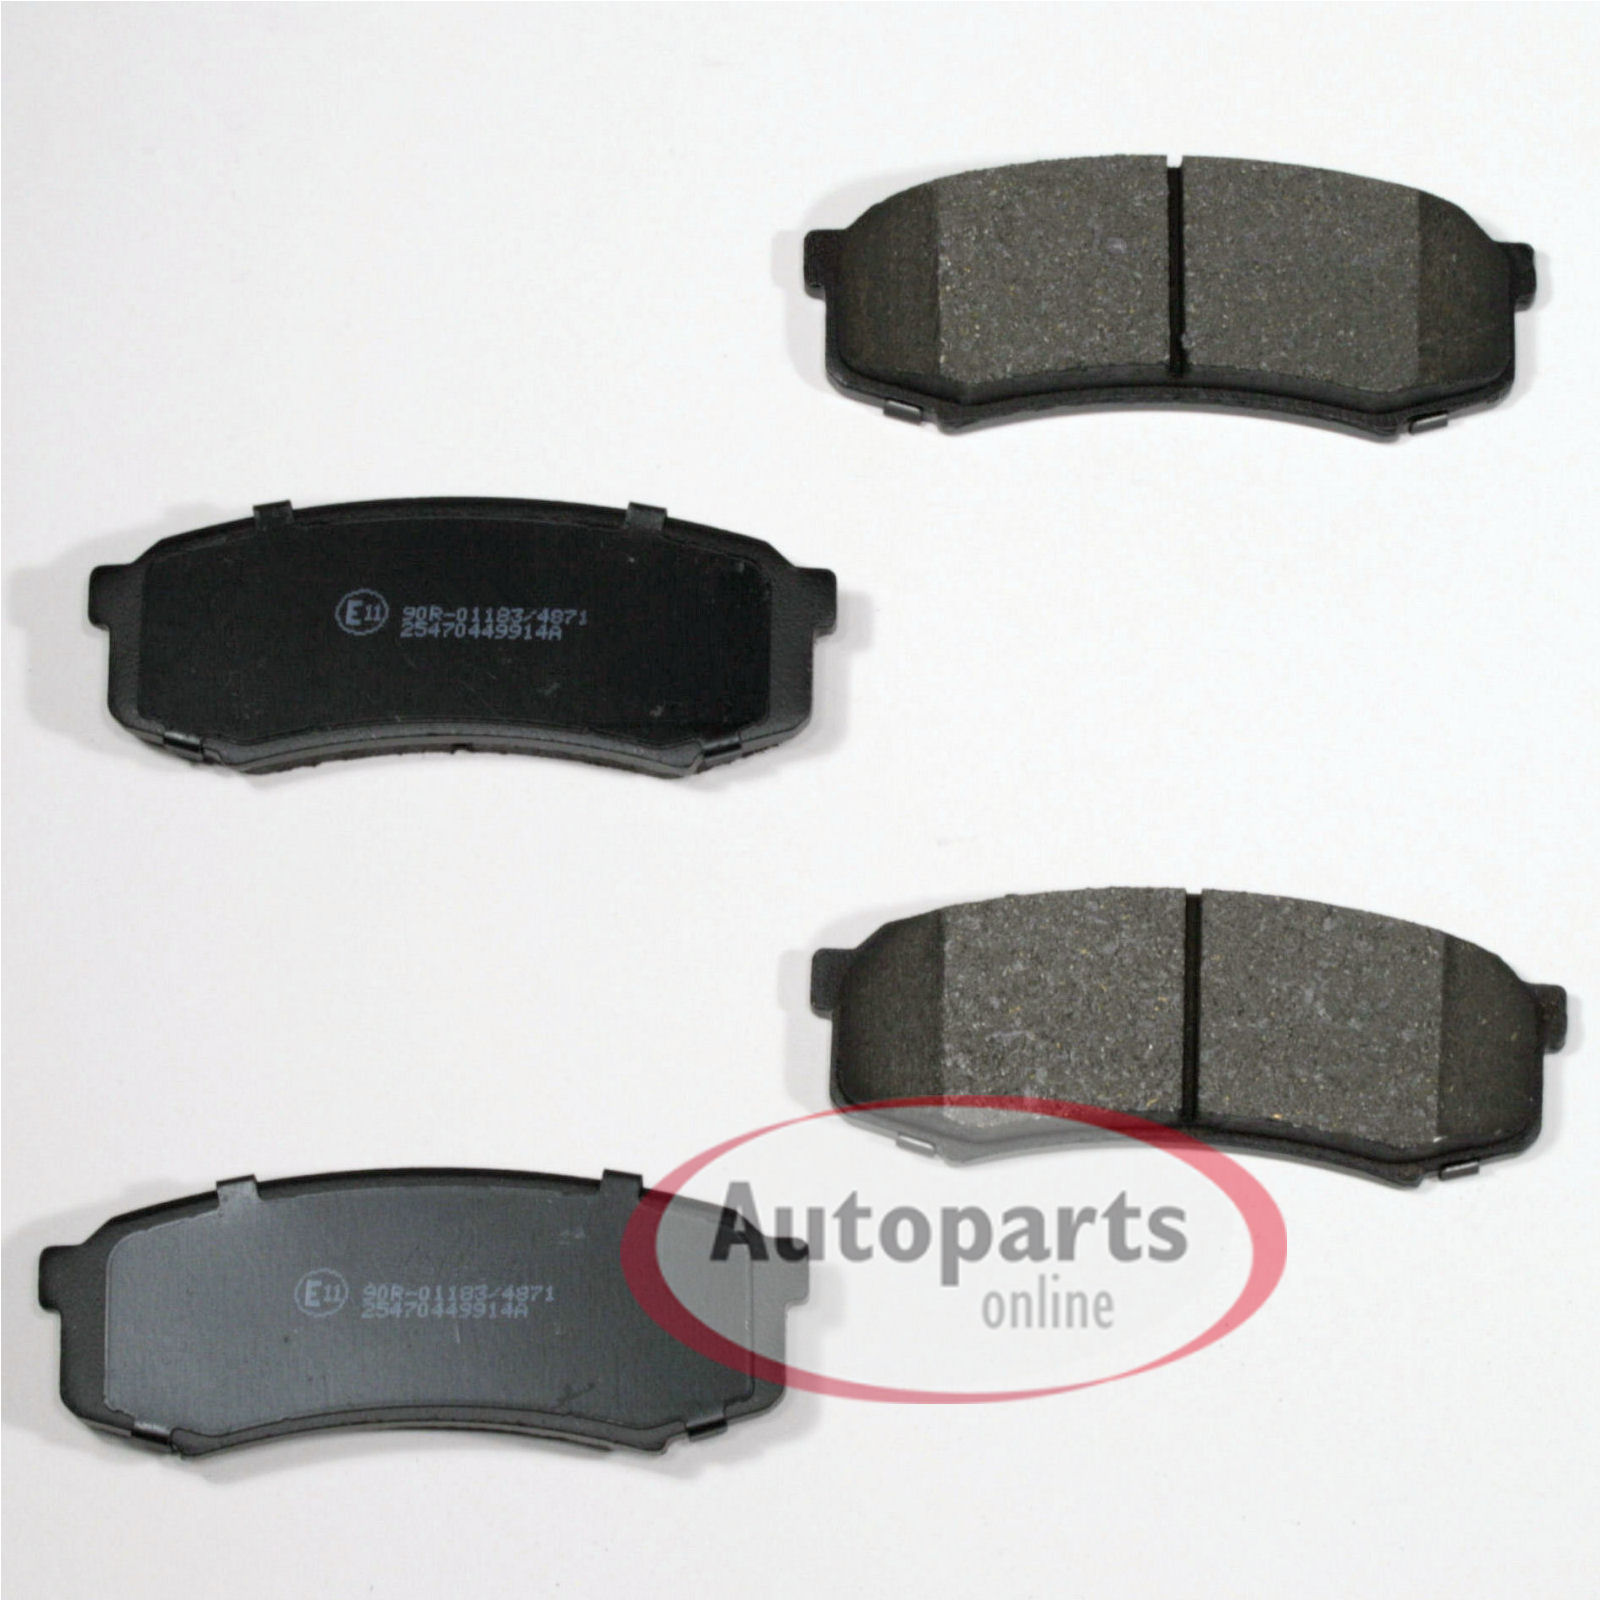 Bremsbeläge Bremsklötze Bremse für hinten Hinterachse* Mitsubishi Pajero IV